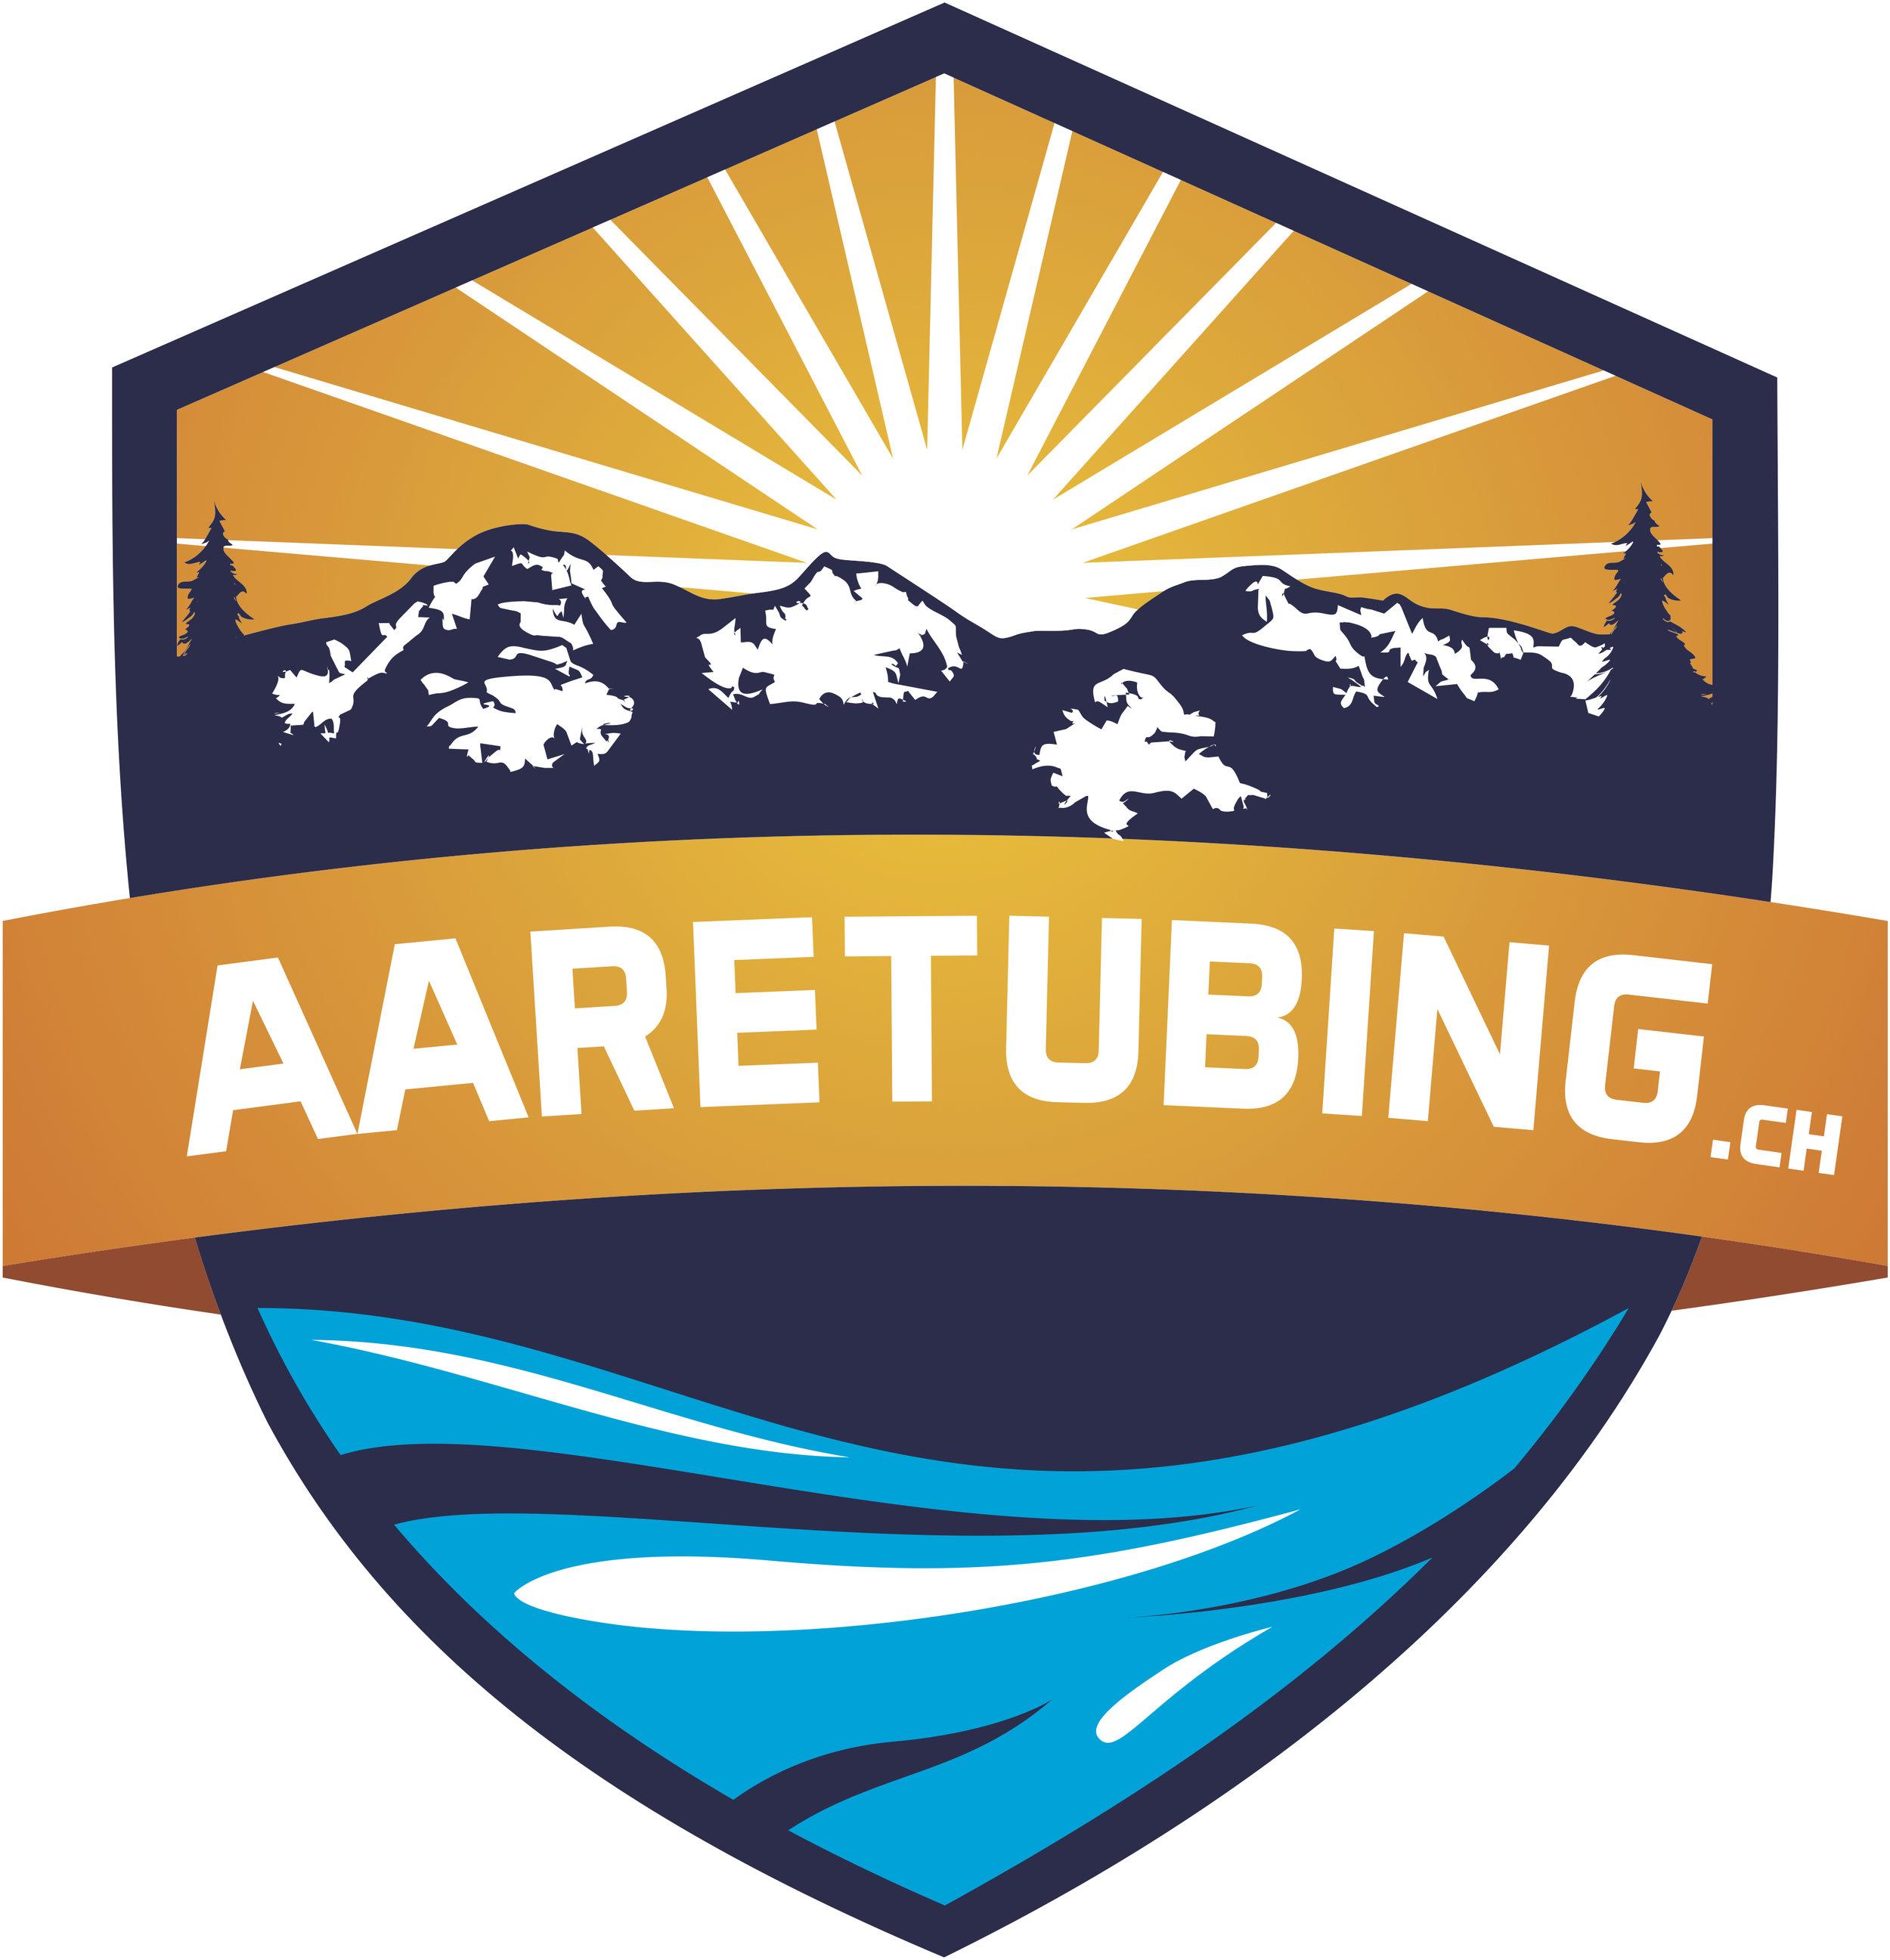 Aaretubing